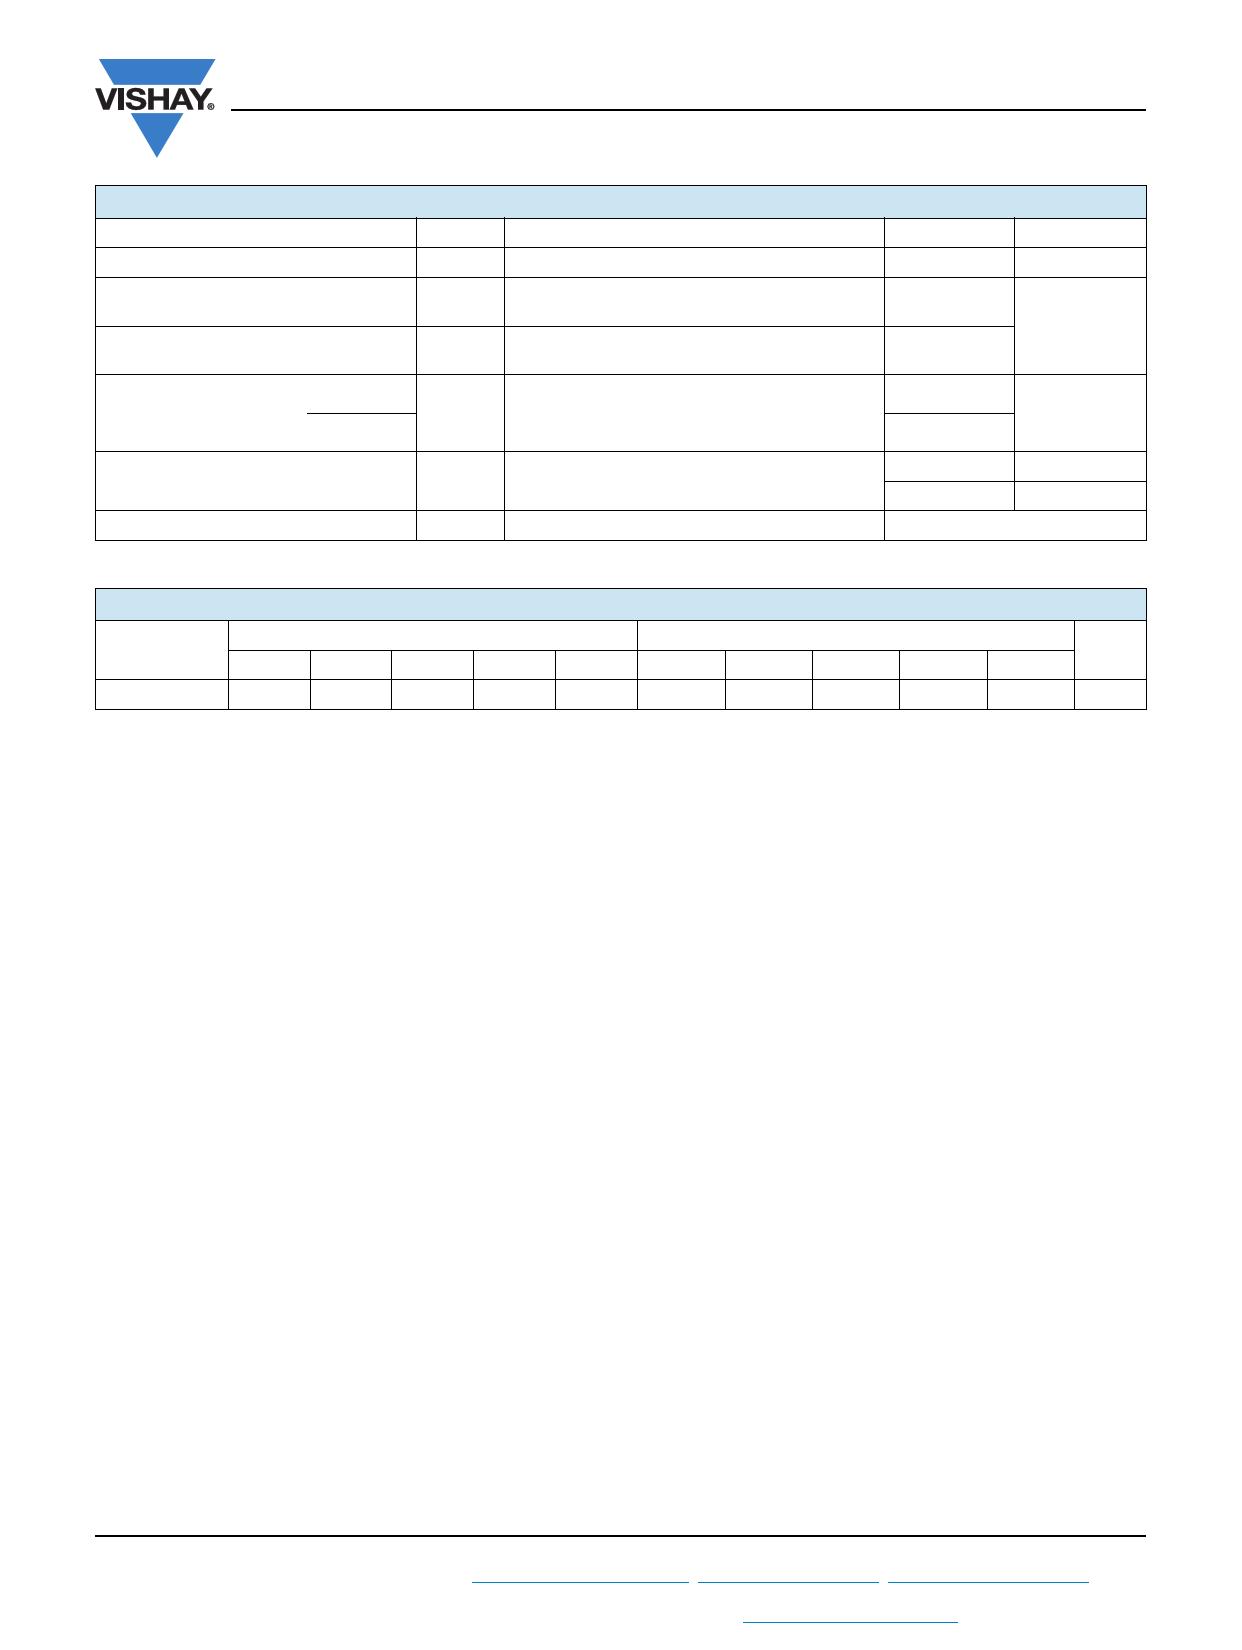 VSKJ91-16P pdf, ピン配列